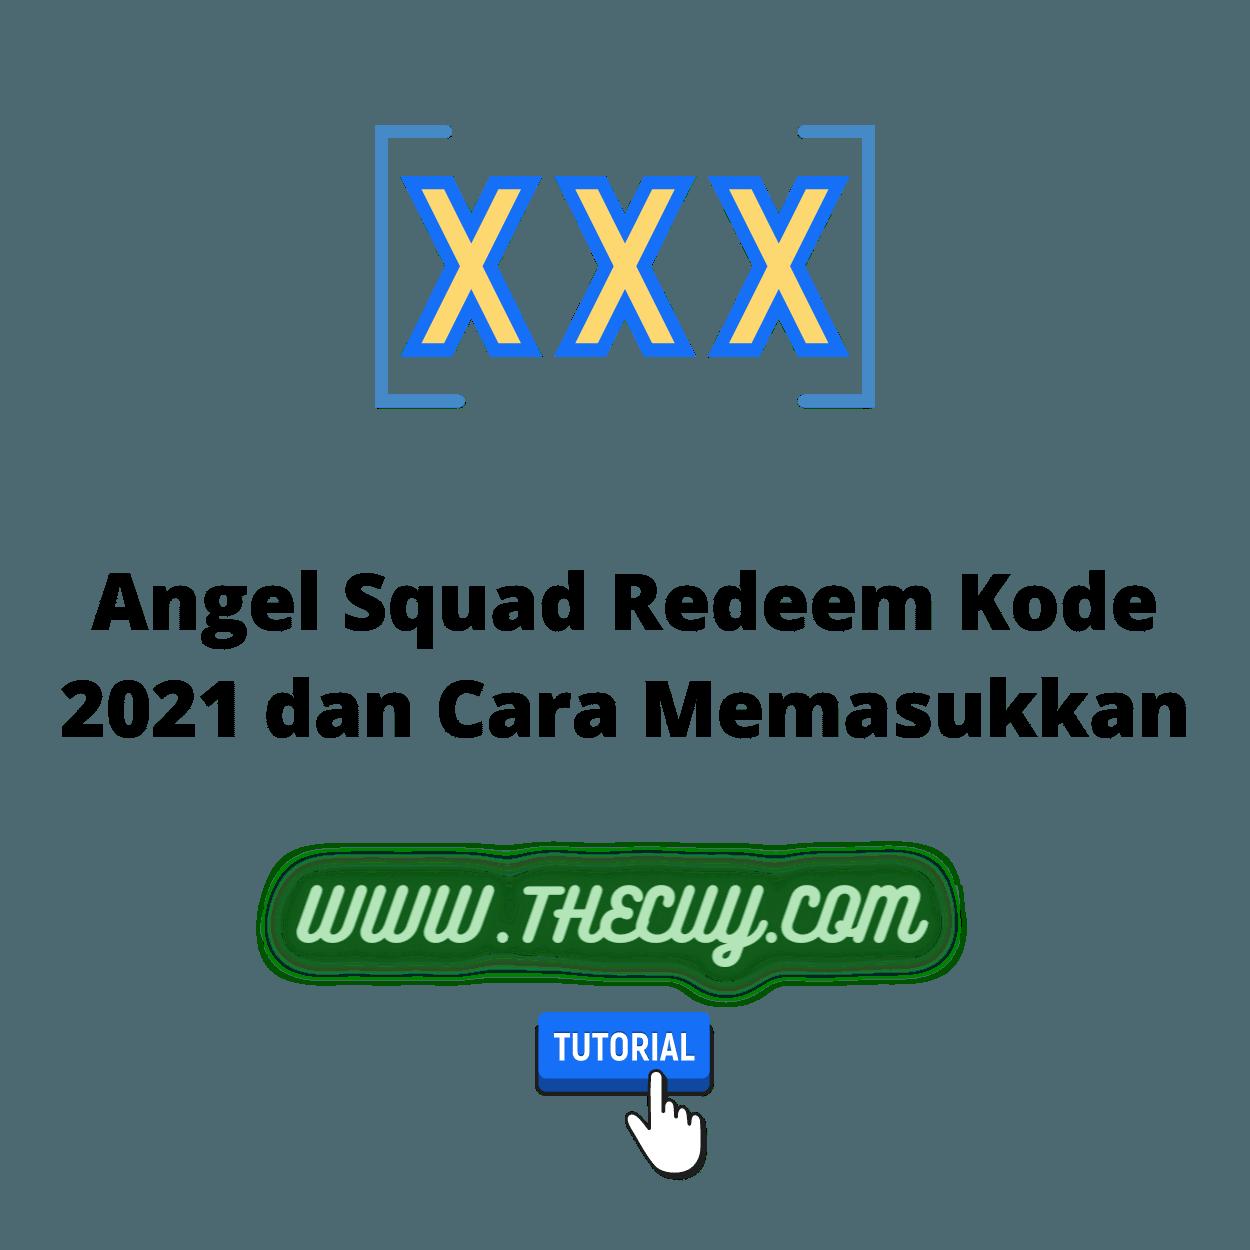 Angel Squad Redeem Kode 2021 dan Cara Memasukkan